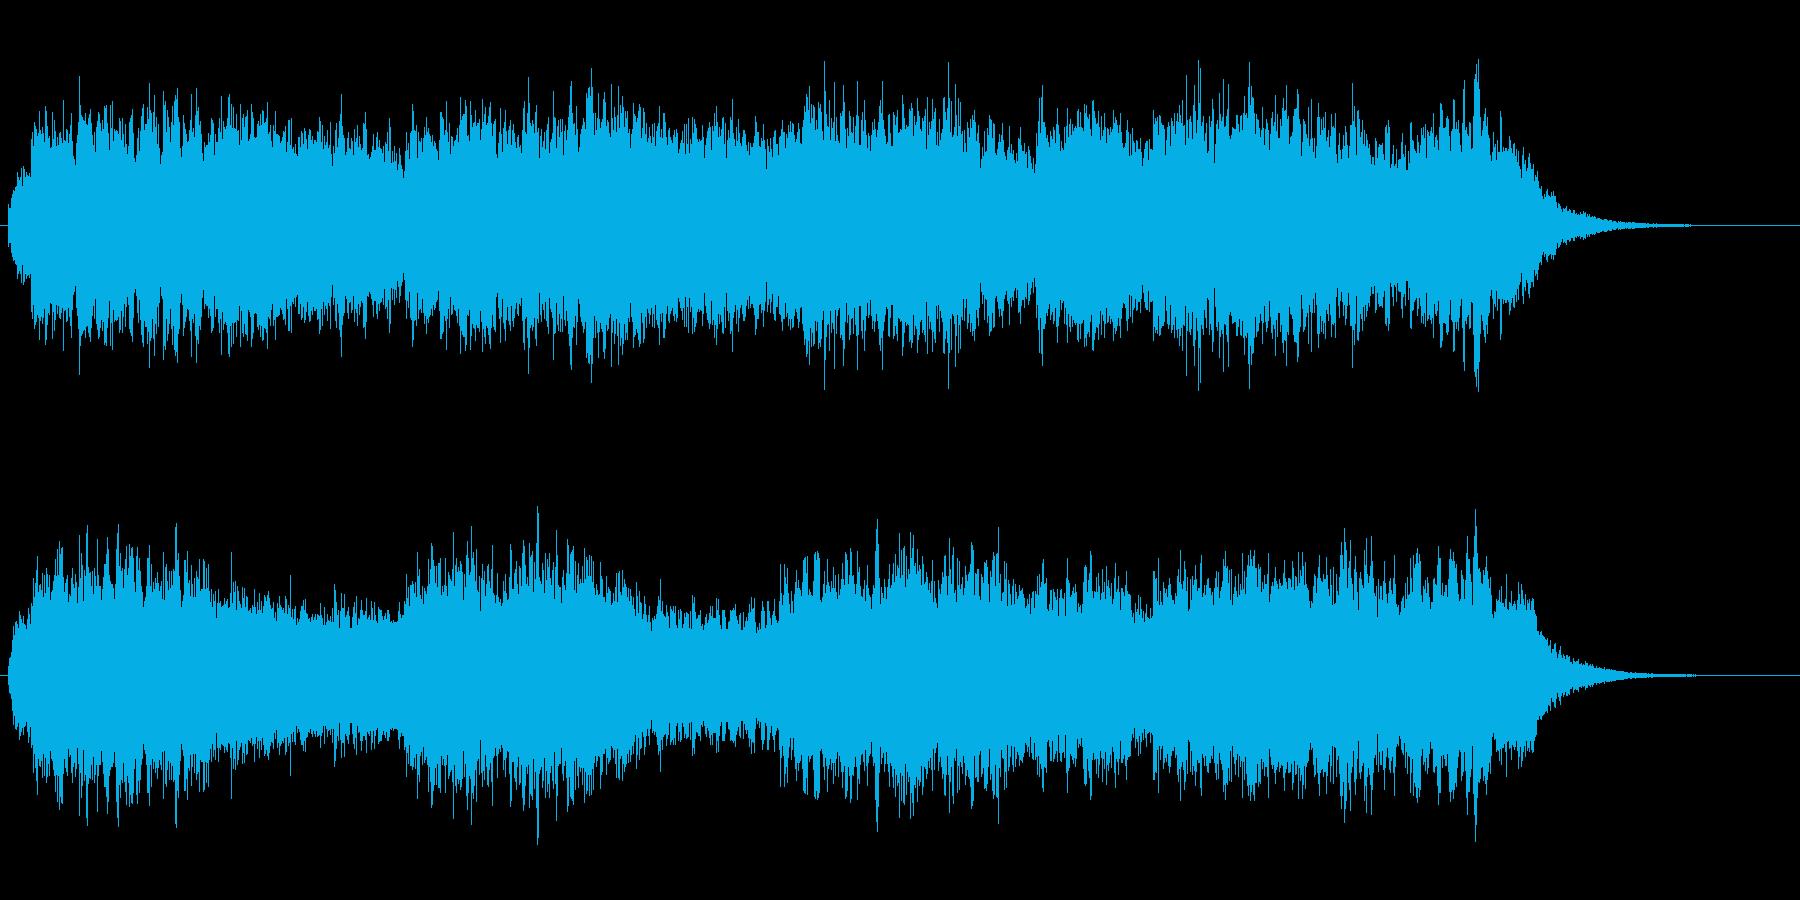 アンビエント風のヒーリングBGMの再生済みの波形